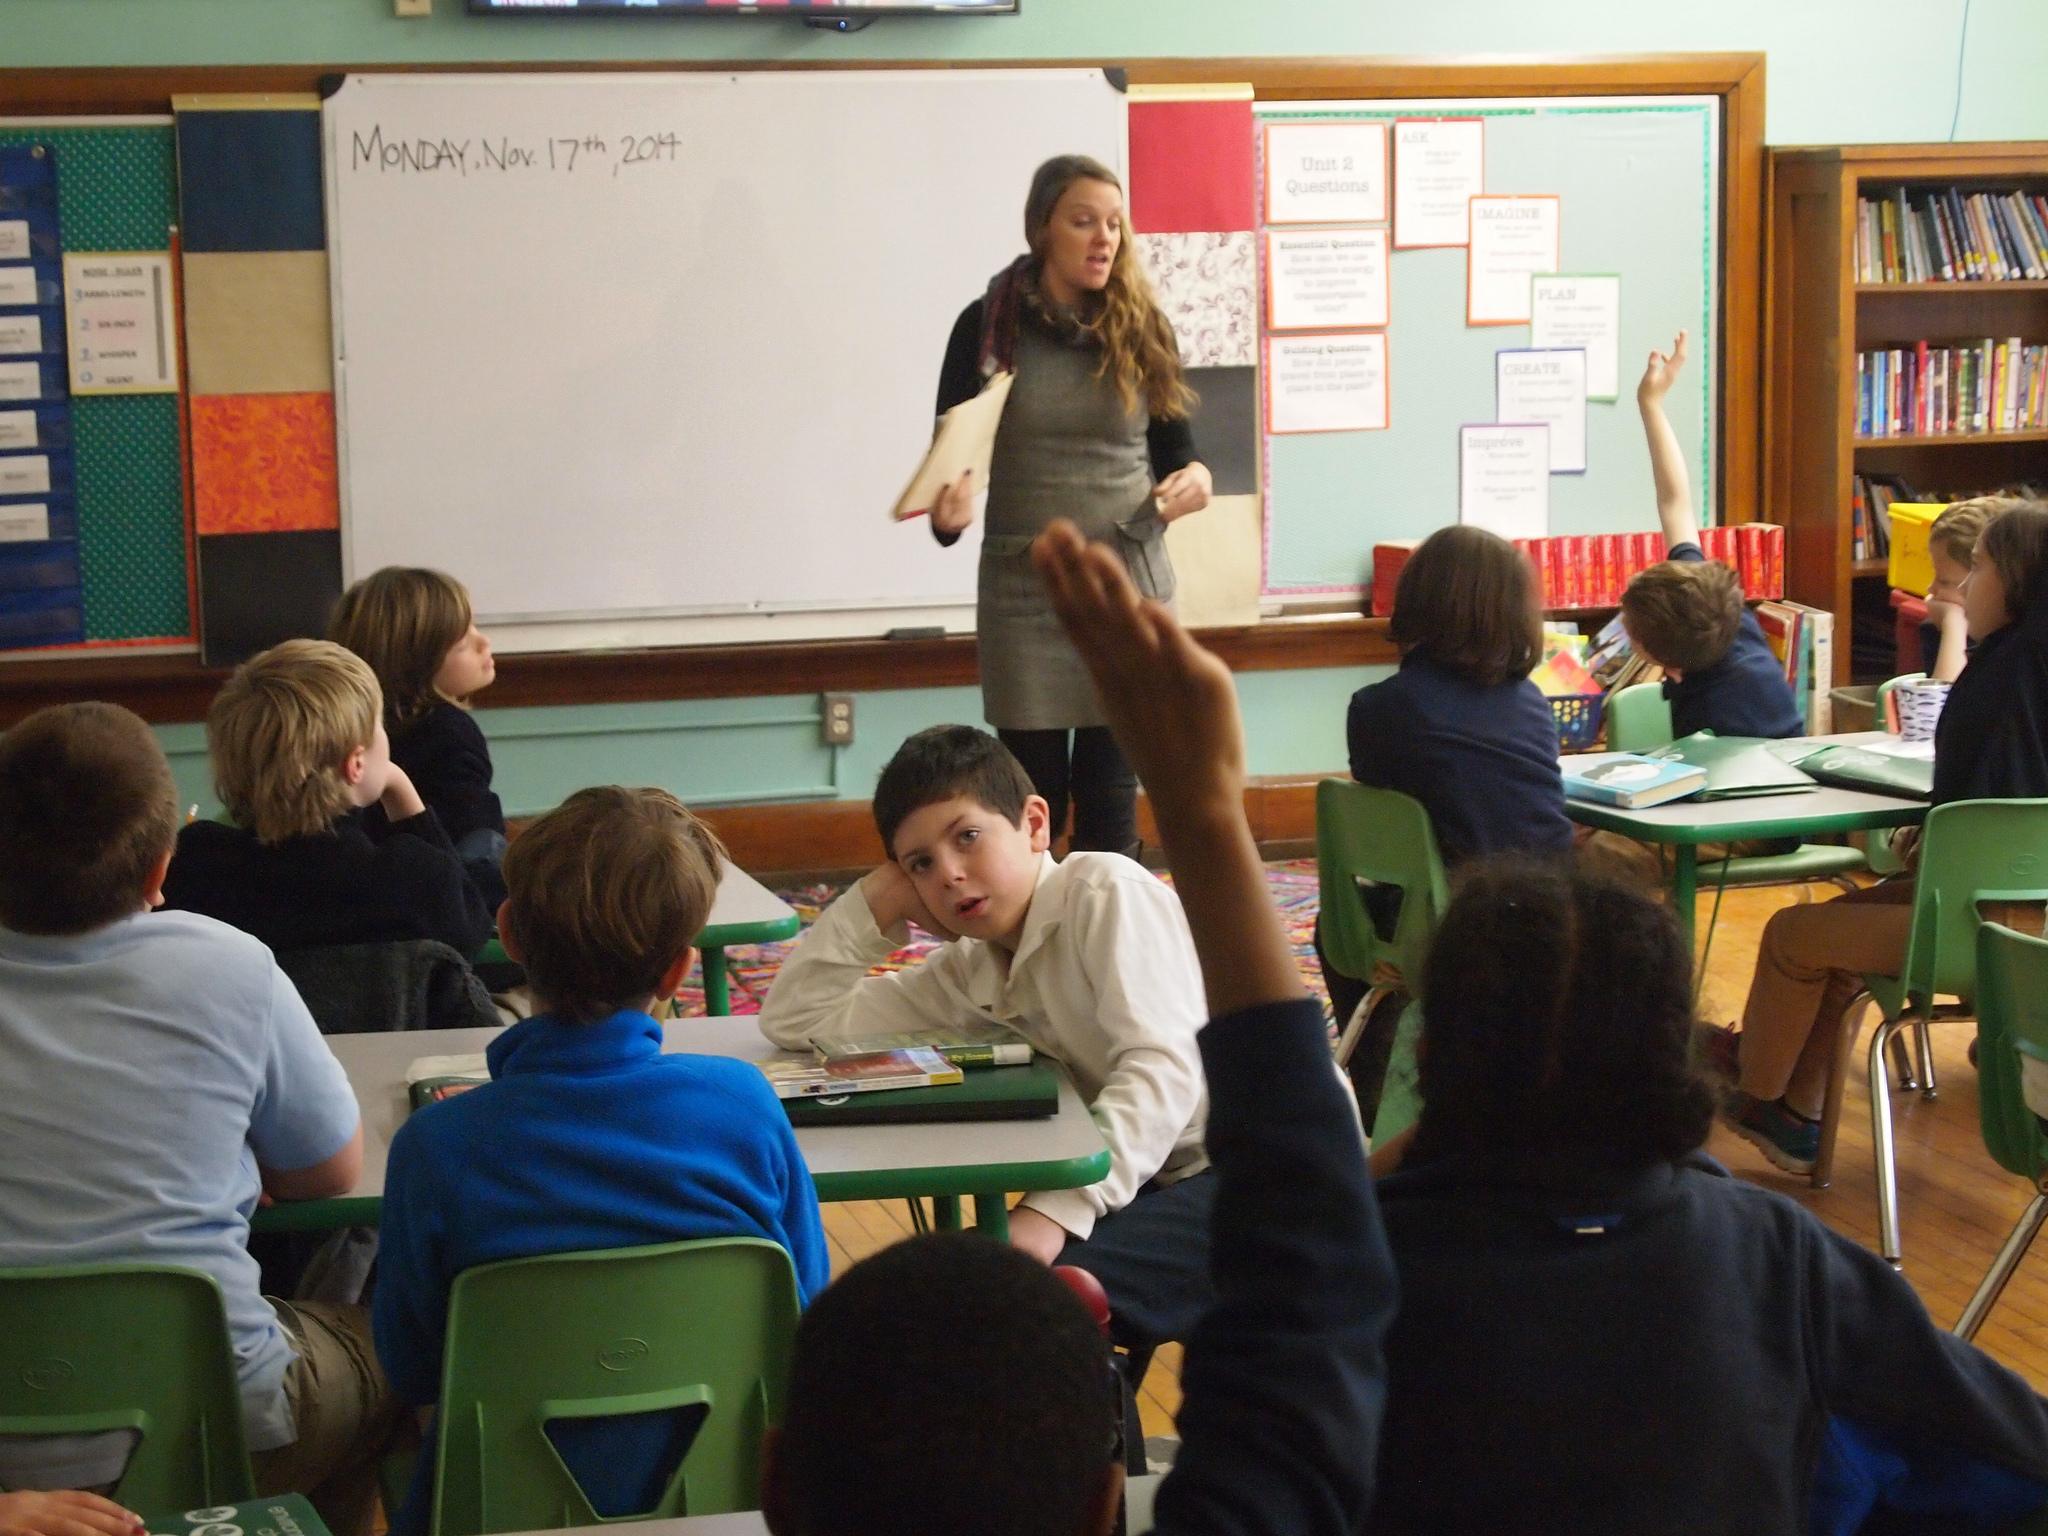 Humberto cueva blog de los maestros de espa ol - Agencias para tener estudiantes en casa ...